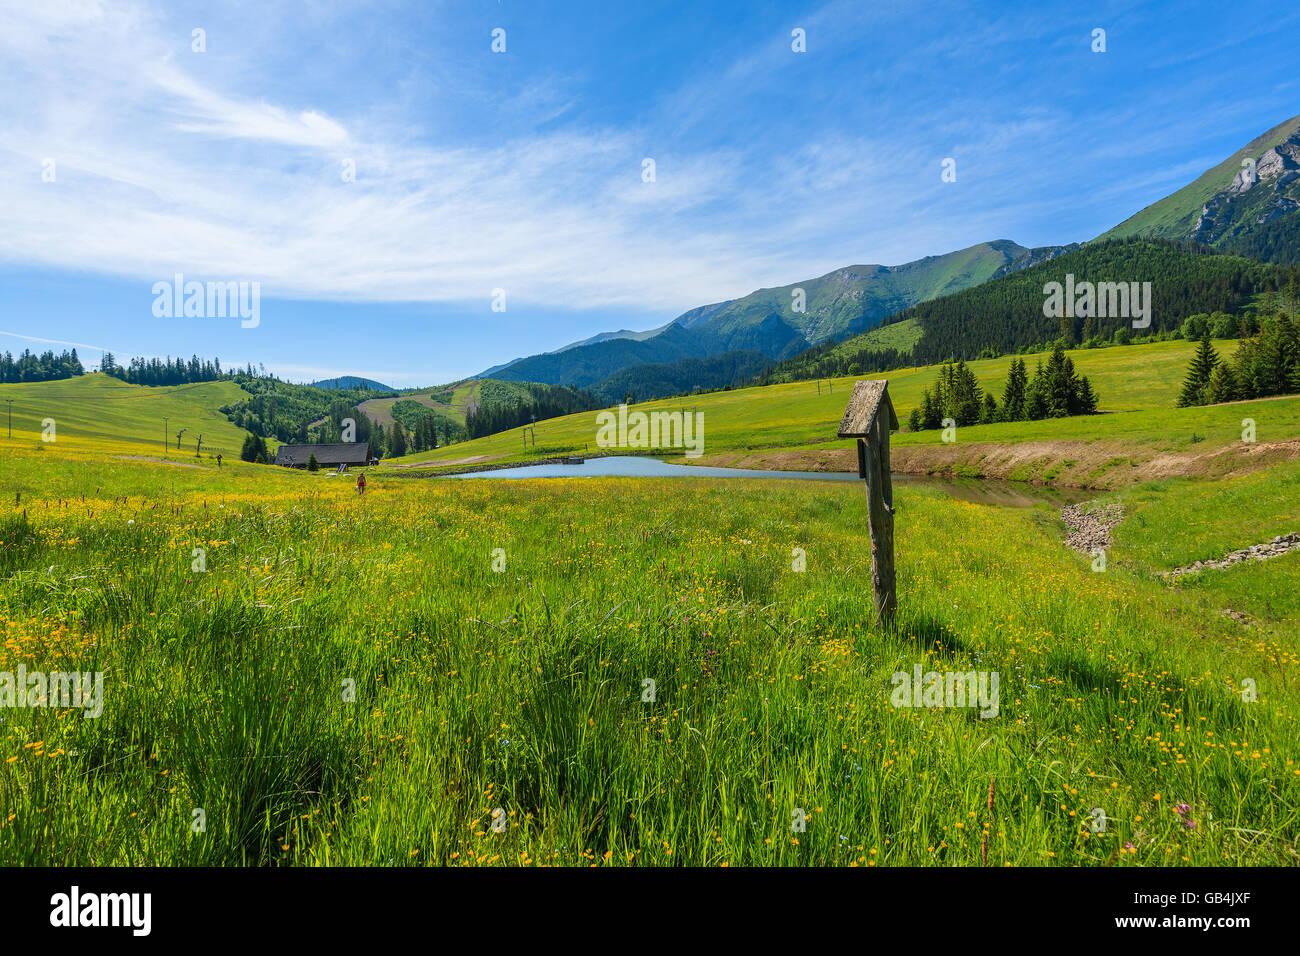 Sentier de randonnée en bois signe sur pré vert en été paysage de montagnes Tatras, Slovaquie Banque D'Images